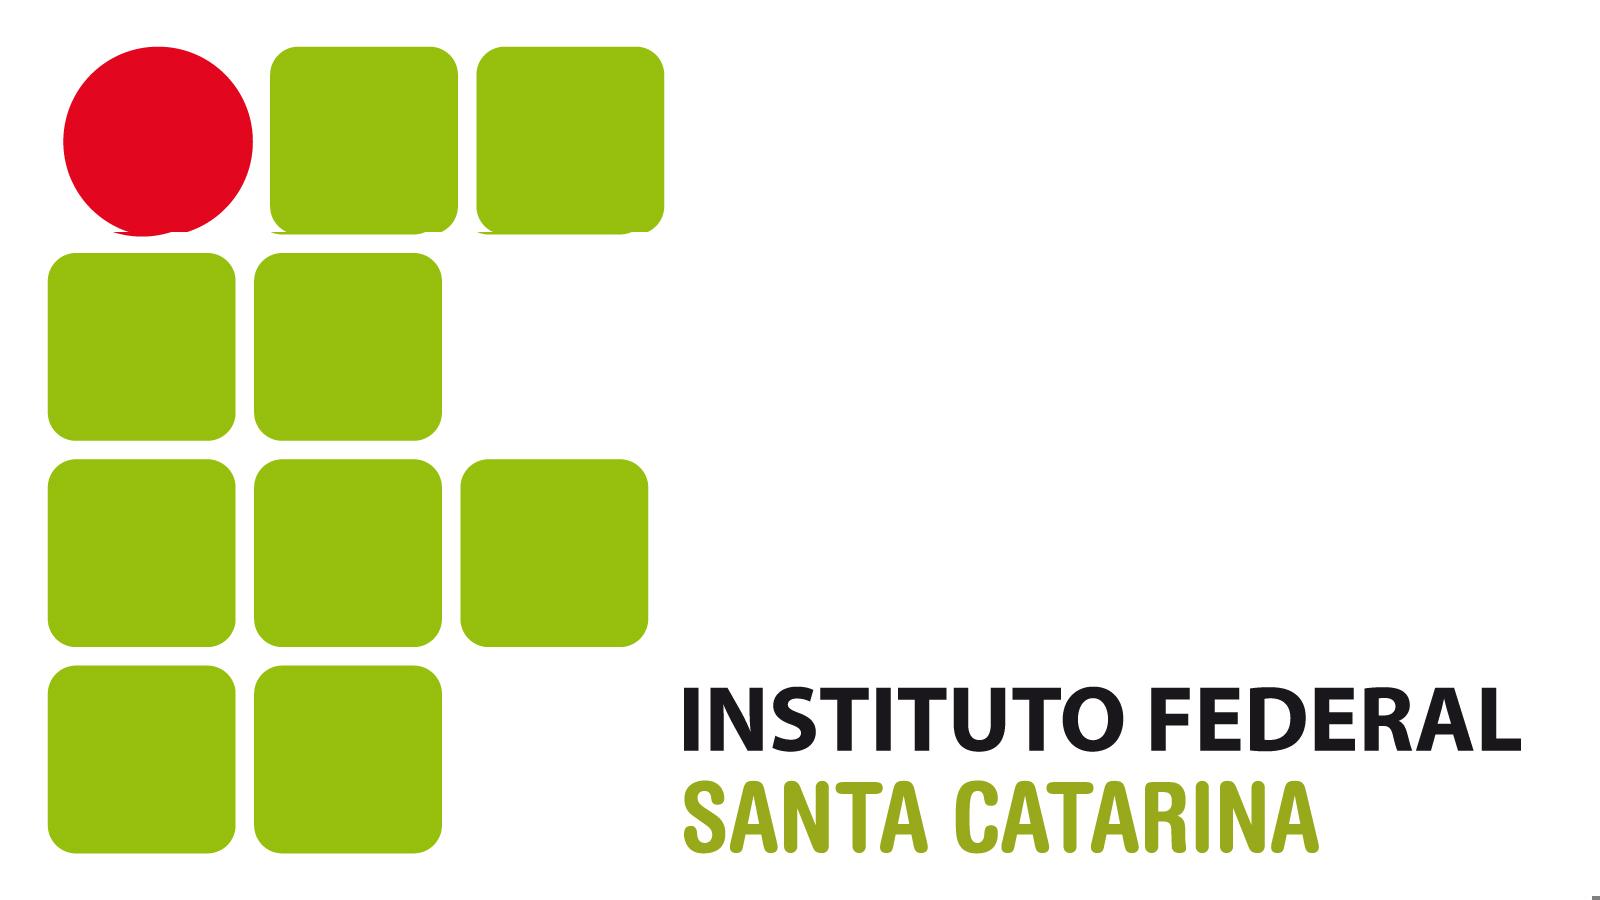 IFSC encerra hoje (9/11) o prazo para inscrições aos cursos técnicos gratuitos da instituição